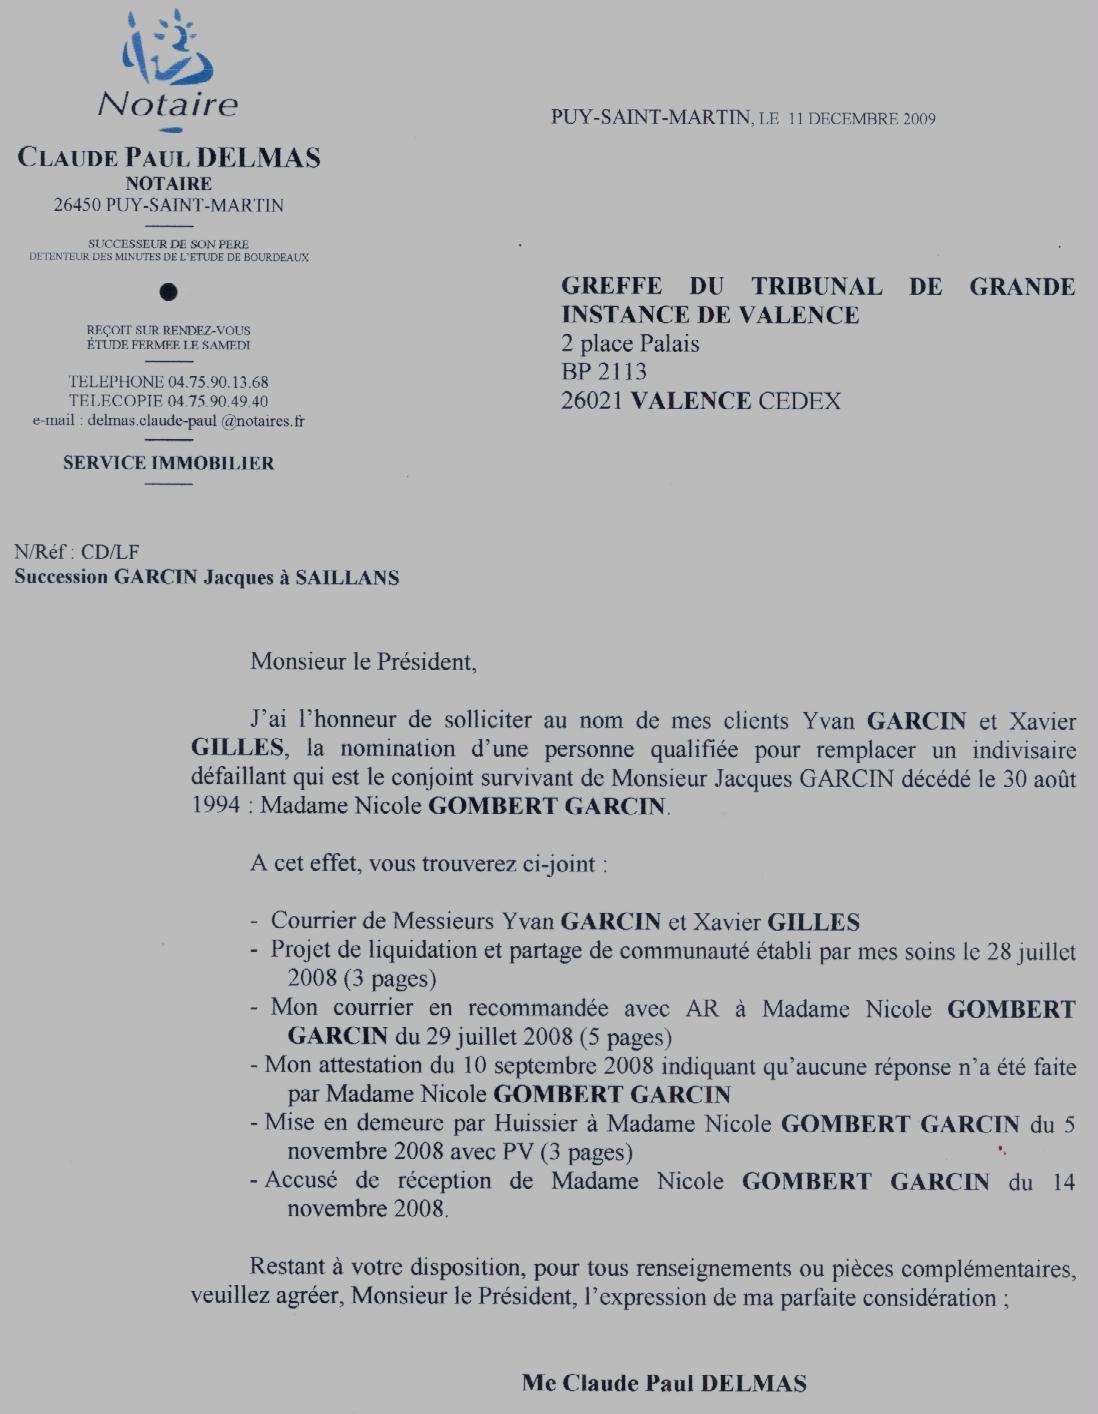 Sollicitation de Maitre Delmas auprès du Greffe du TGI de Valence - 11/12/9